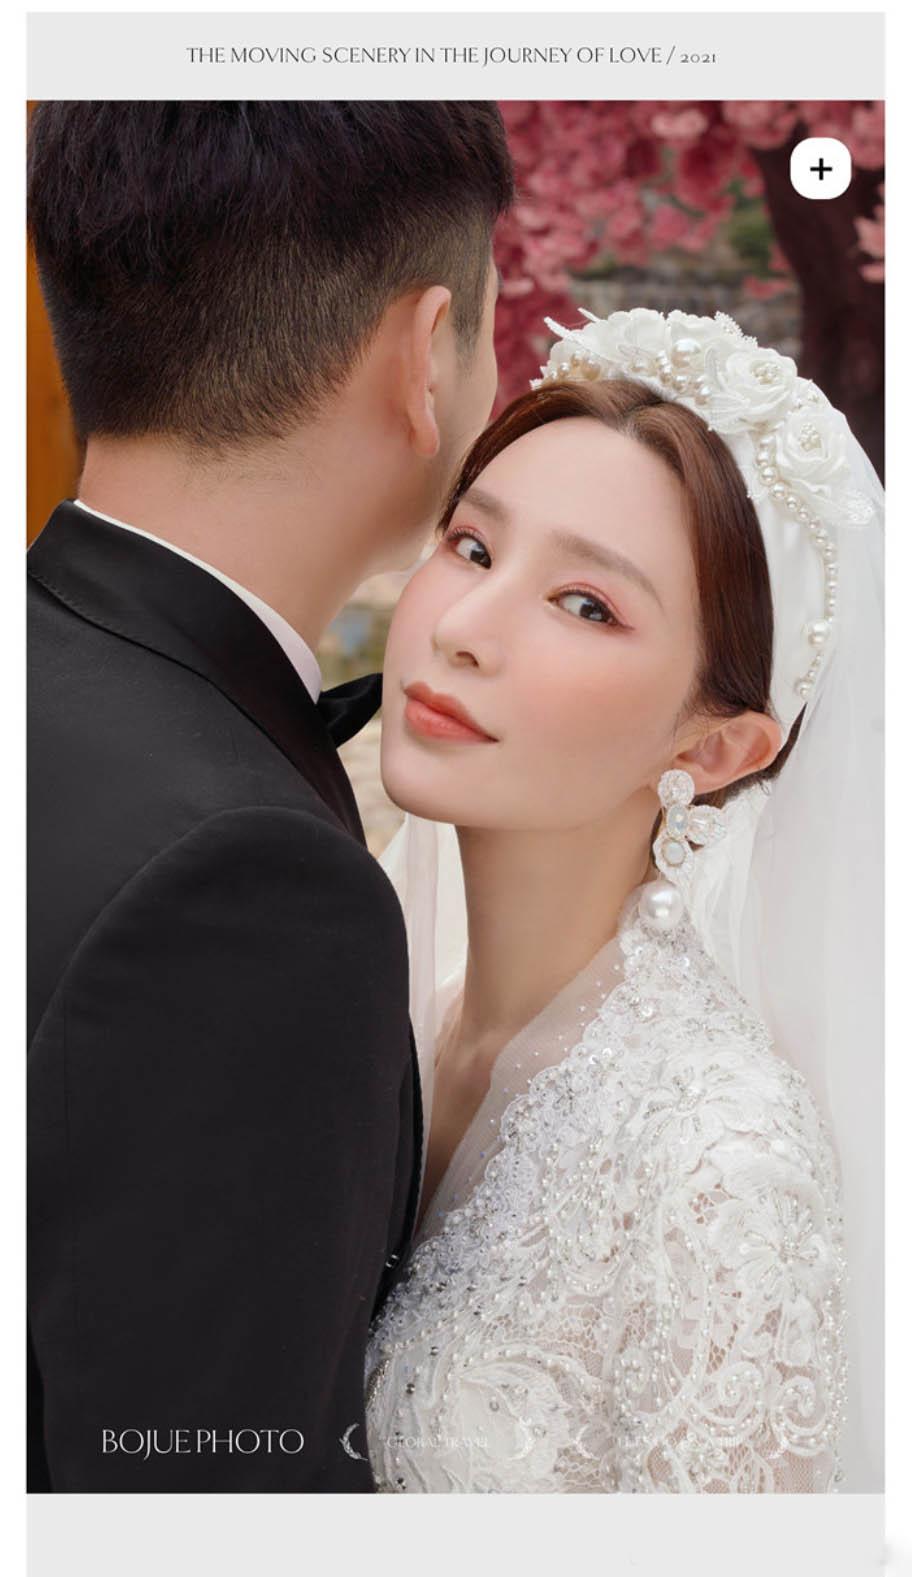 丽江旅拍婚纱照 感谢铂爵旅拍完美实现了我的婚纱梦想